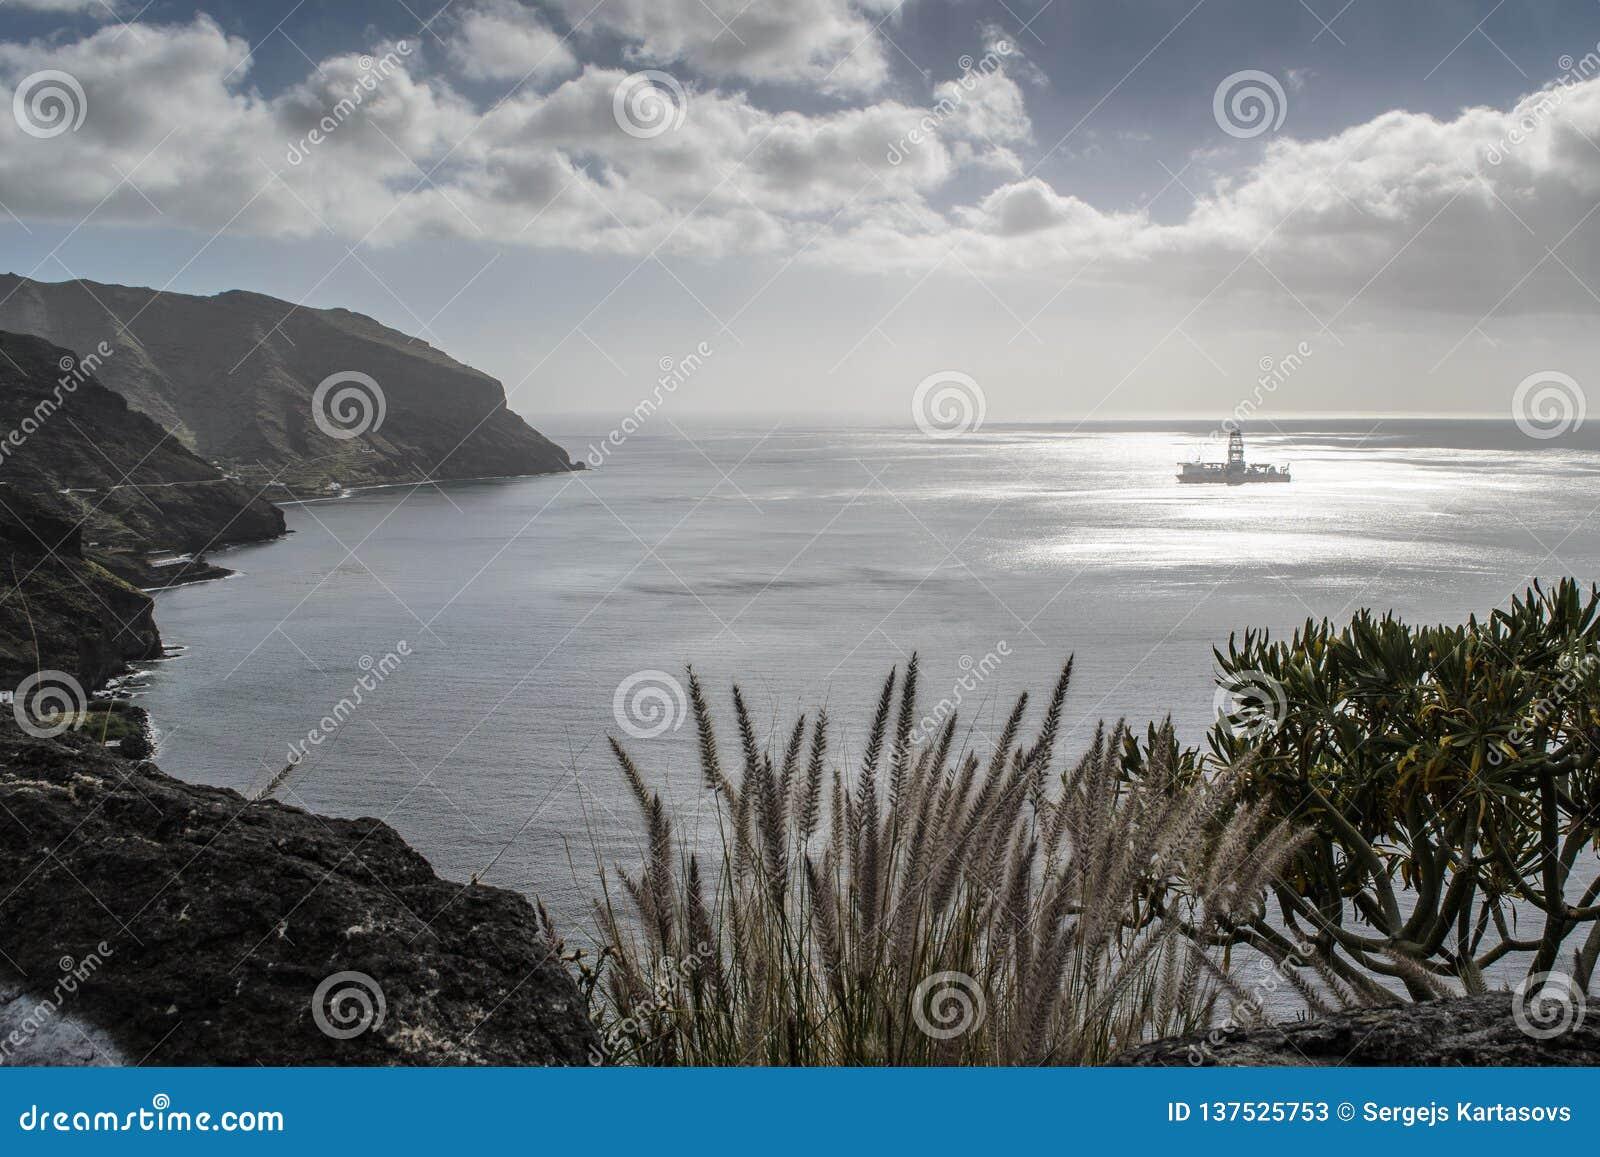 Μια πλατφόρμα άντλησης πετρελαίου κοντά στην ακτή στα teresitas Las